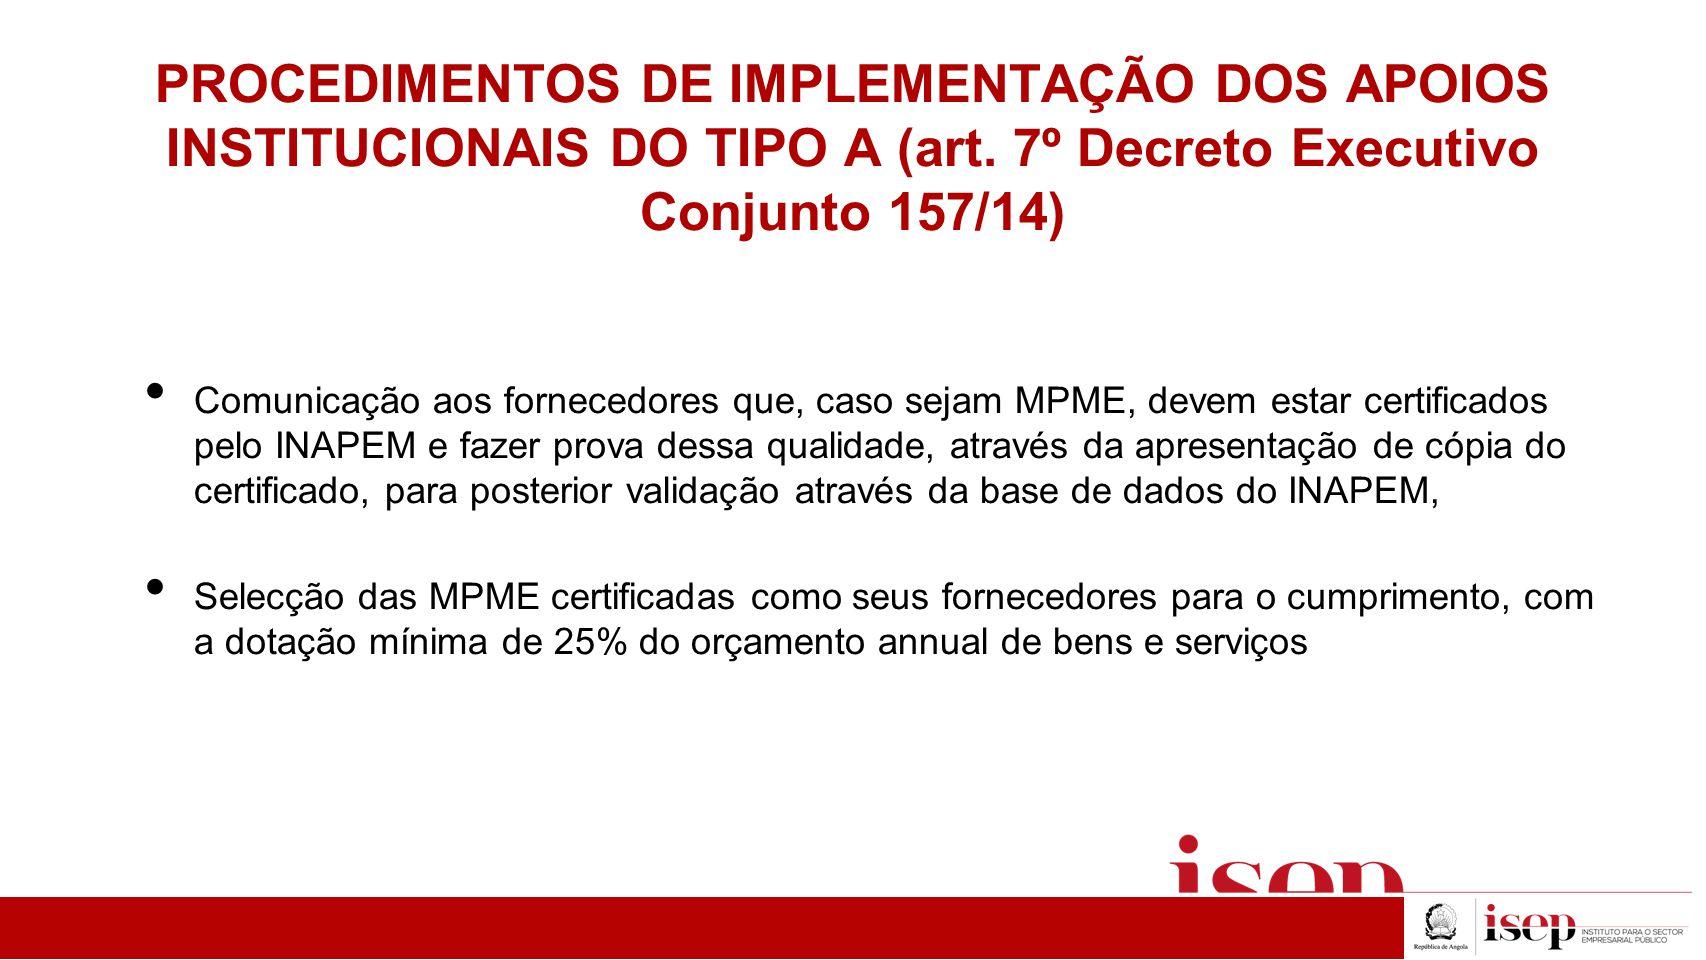 PROCEDIMENTOS DE IMPLEMENTAÇÃO DOS APOIOS INSTITUCIONAIS DO TIPO A (art. 7º Decreto Executivo Conjunto 157/14) Comunicação aos fornecedores que, caso